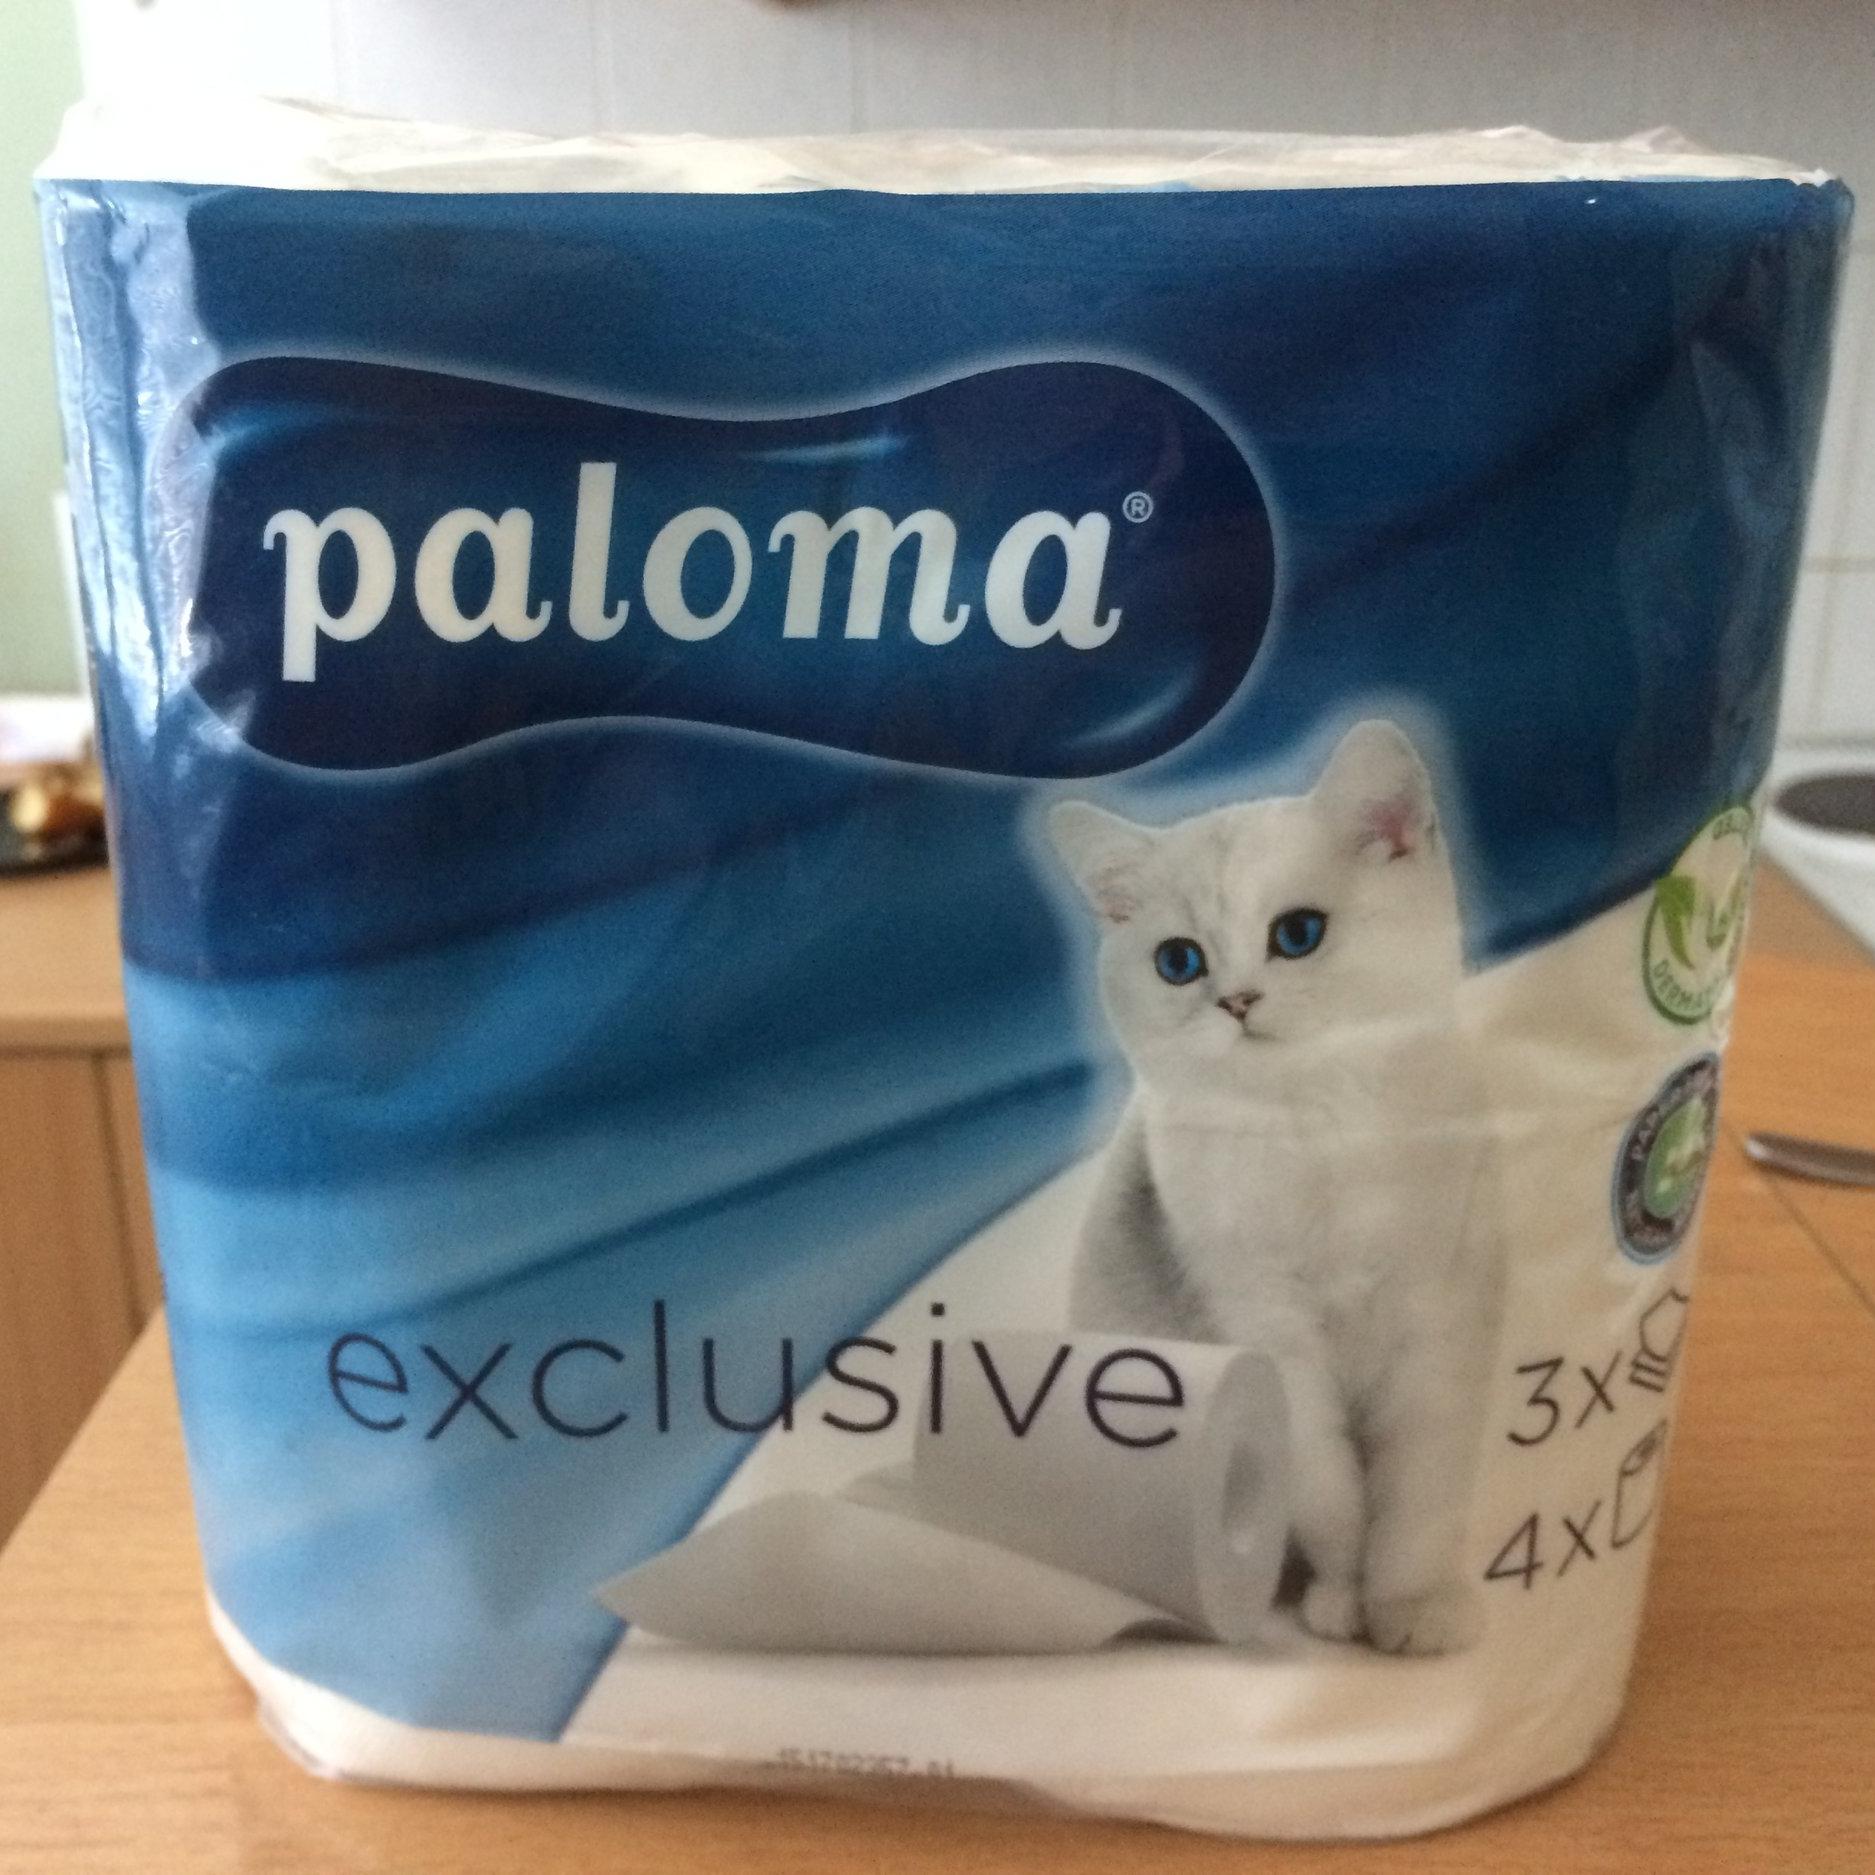 TP_Paloma.jpg